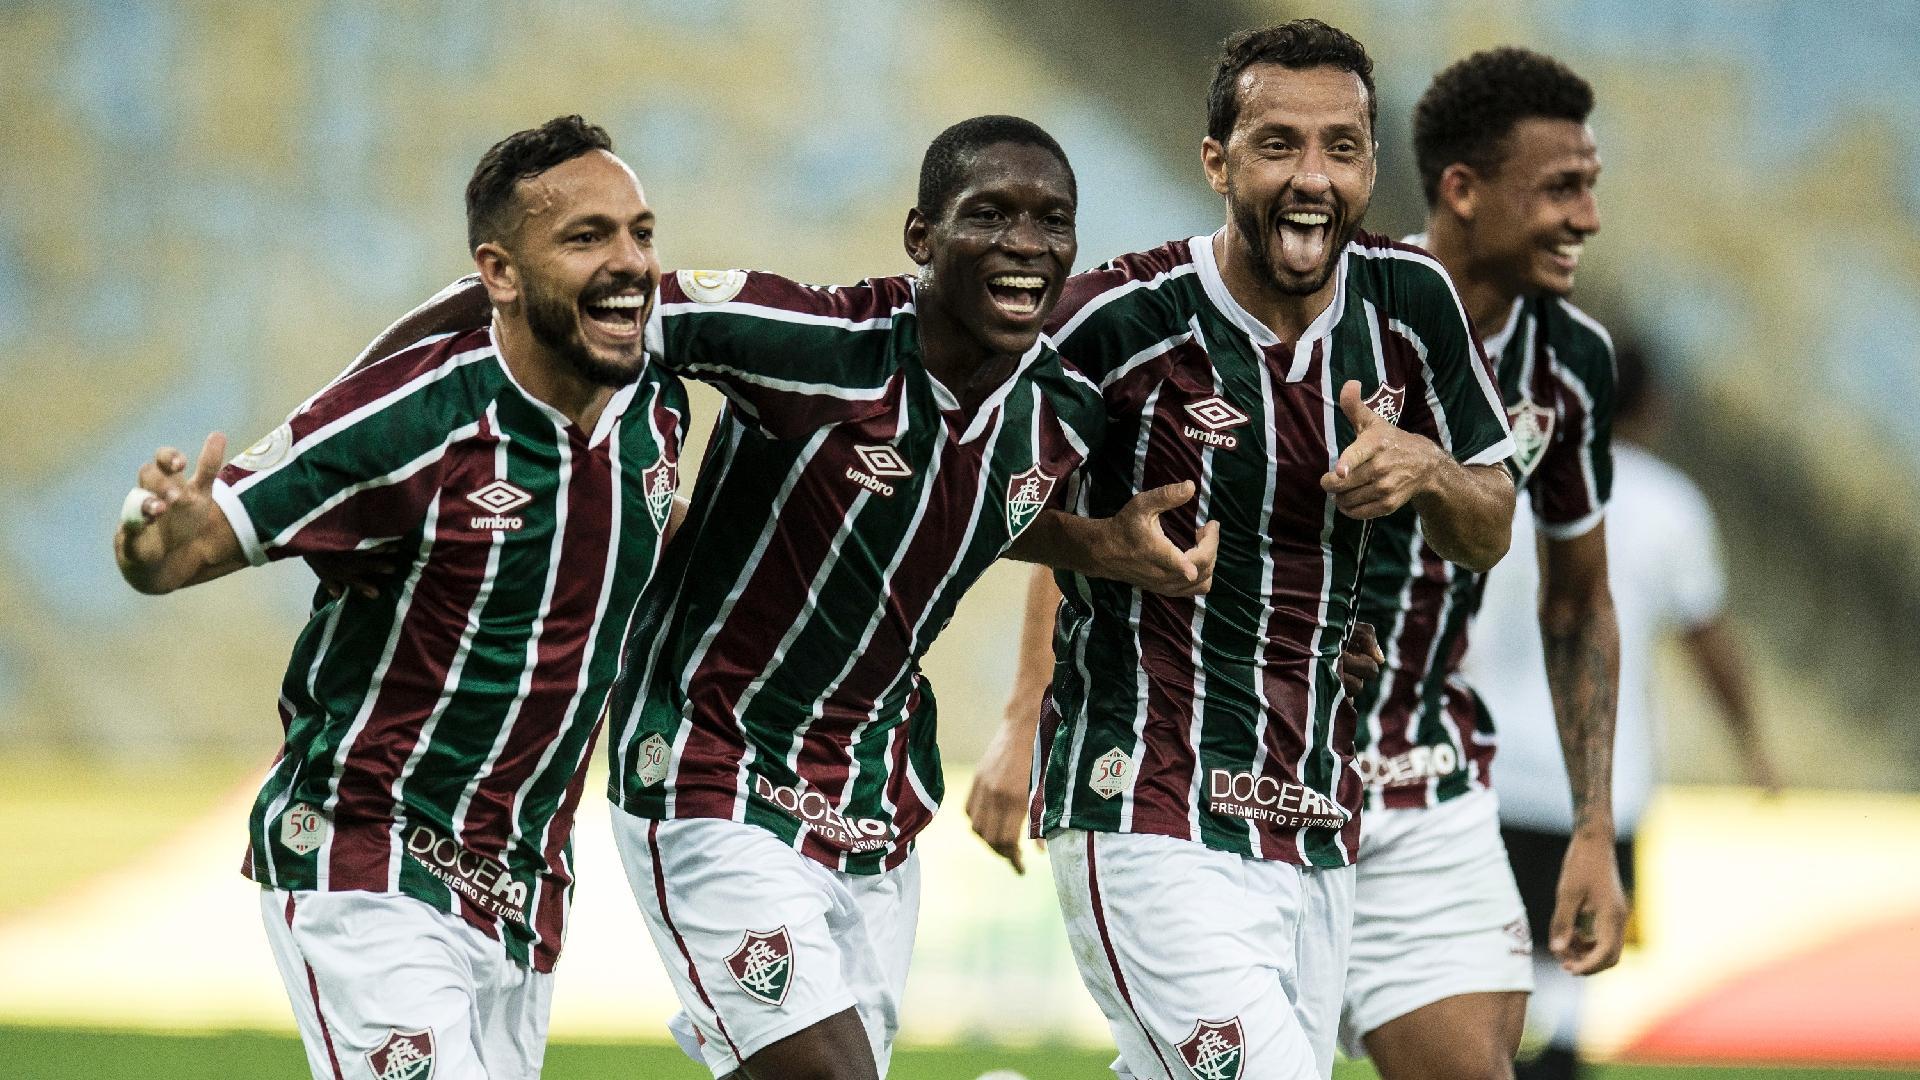 Jogadores do Fluminense comemoram segundo gol de Nenê contra o Corinthians na 10ª rodada do Brasileirão 2020